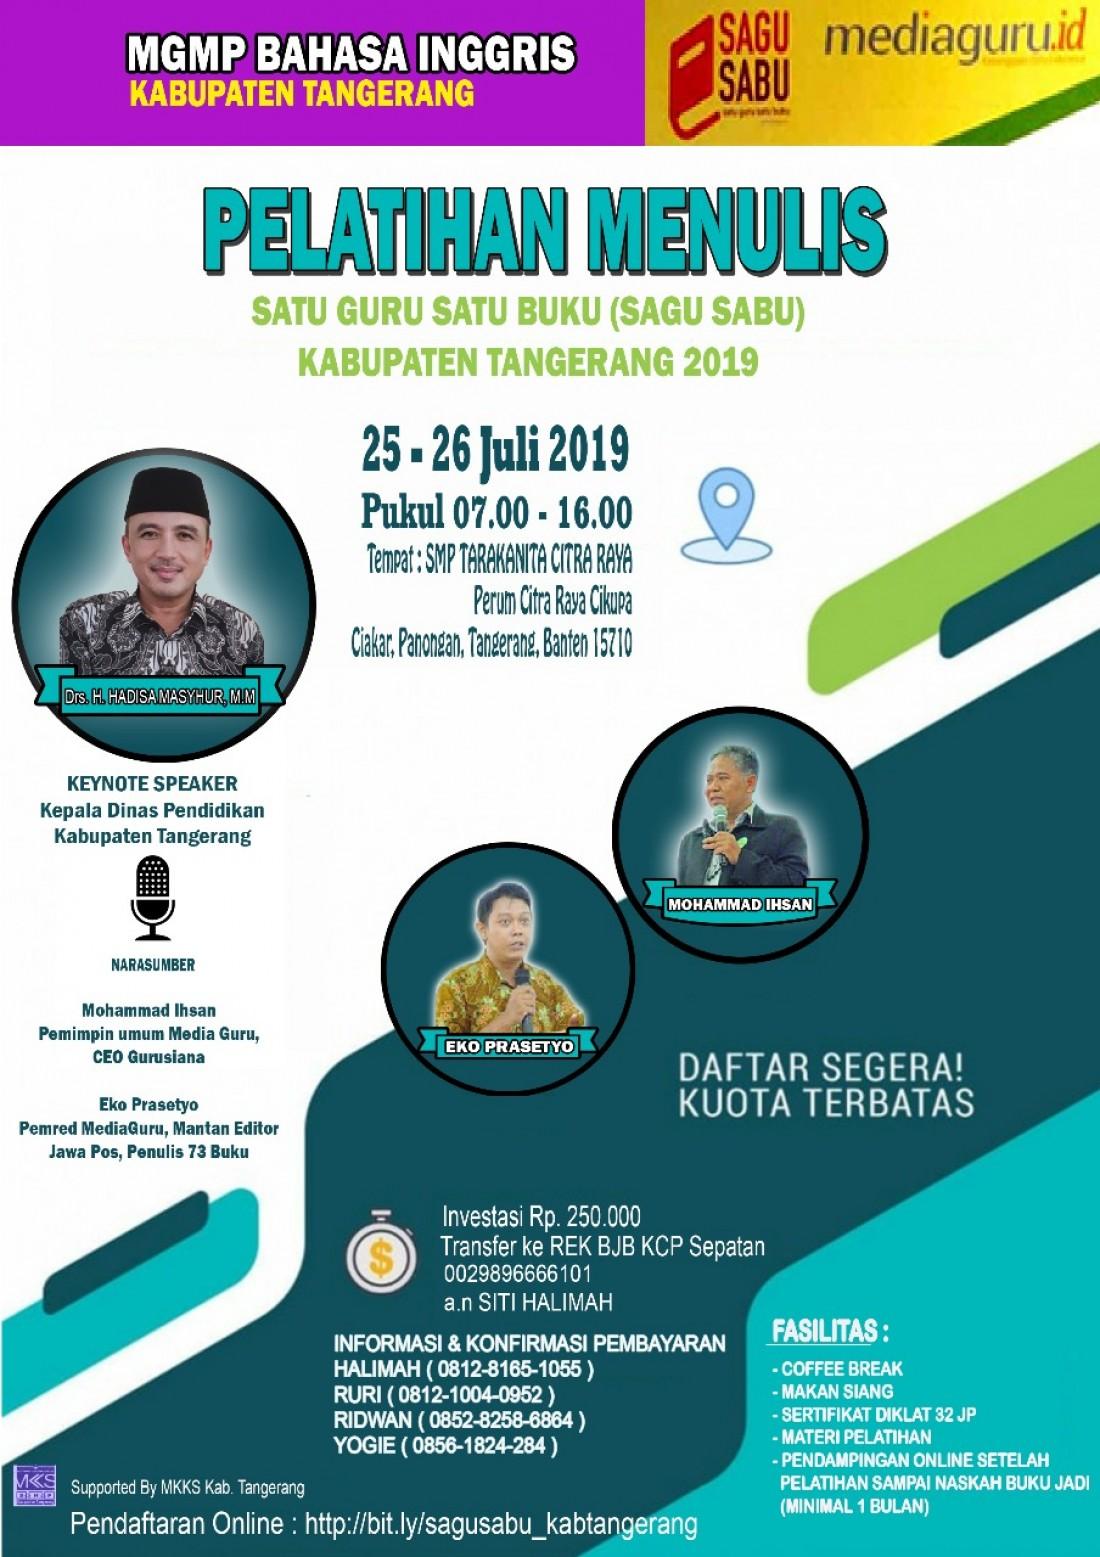 Pelatihan Sagusabu Kab Tangerang (25 - 26 Juli 2019)